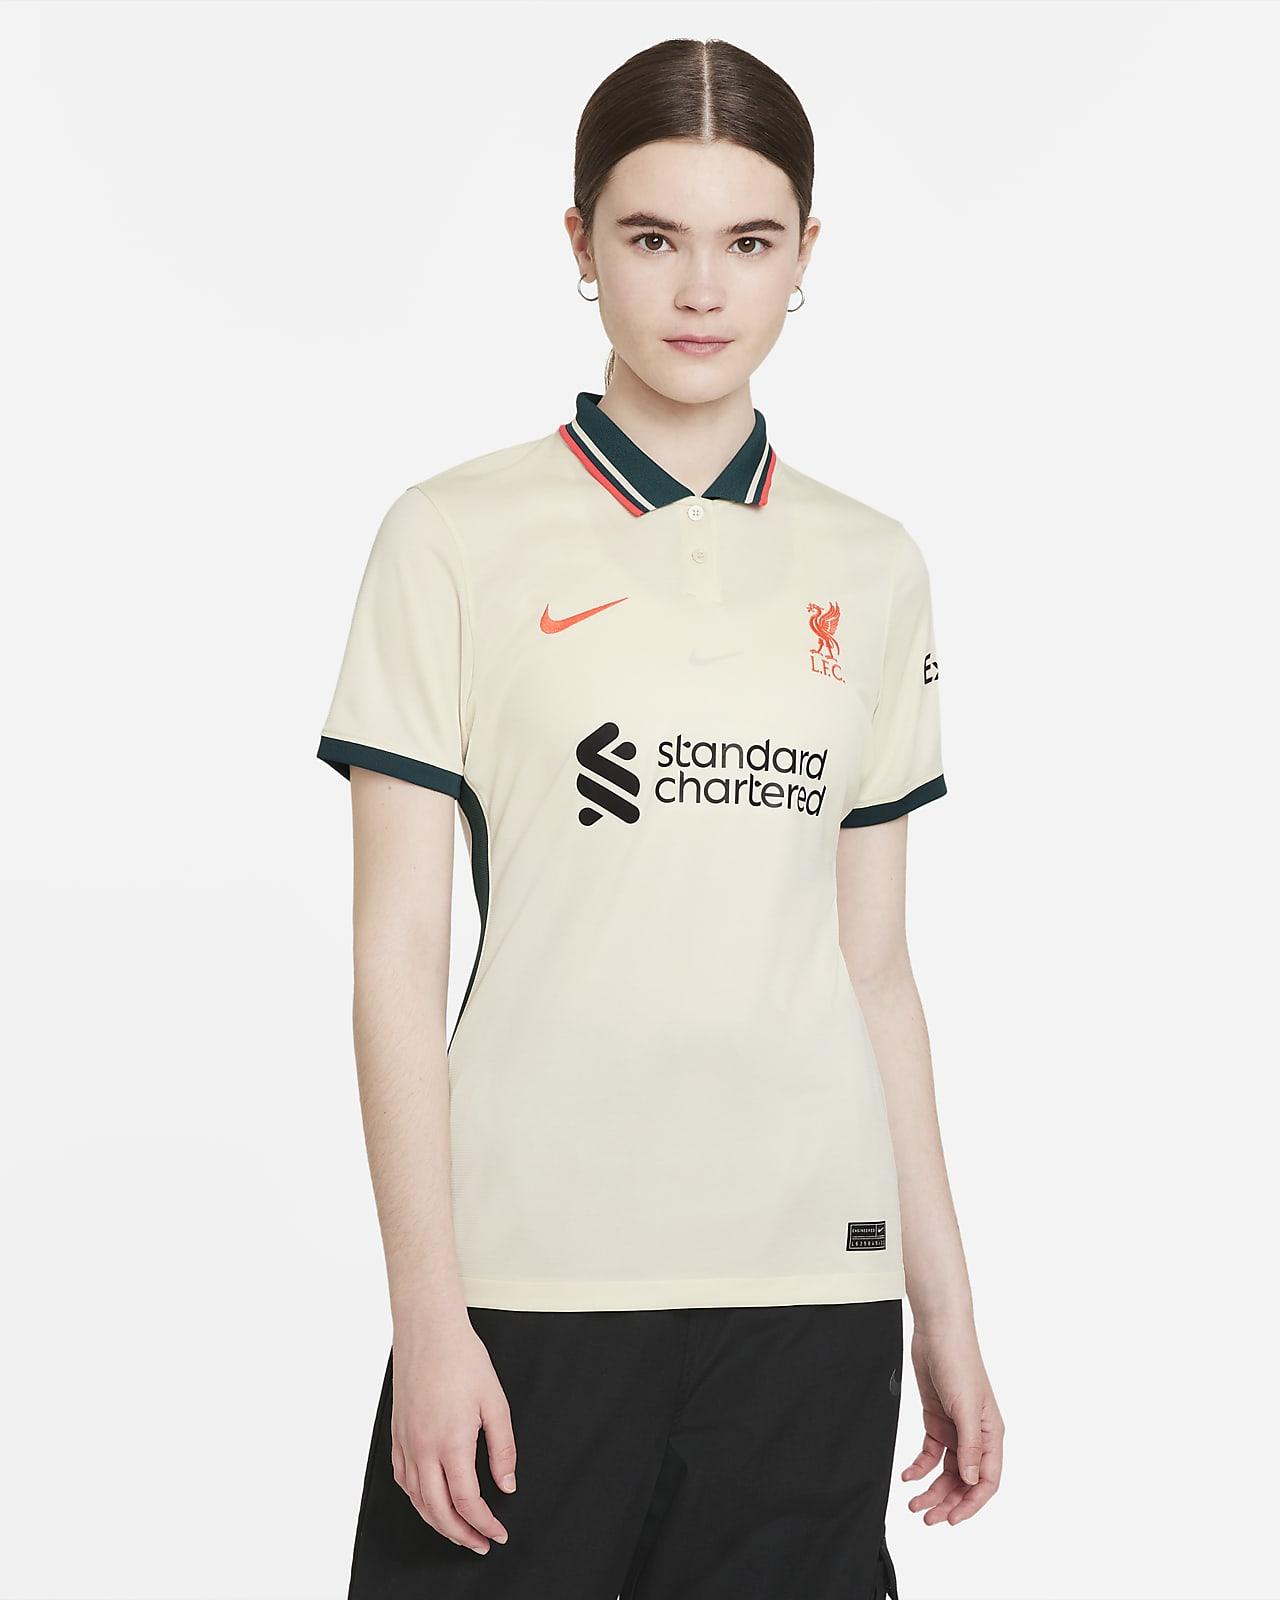 Camisola de futebol Nike Dri-FIT do equipamento alternativo Stadium Liverpool FC 2021/22 para mulher